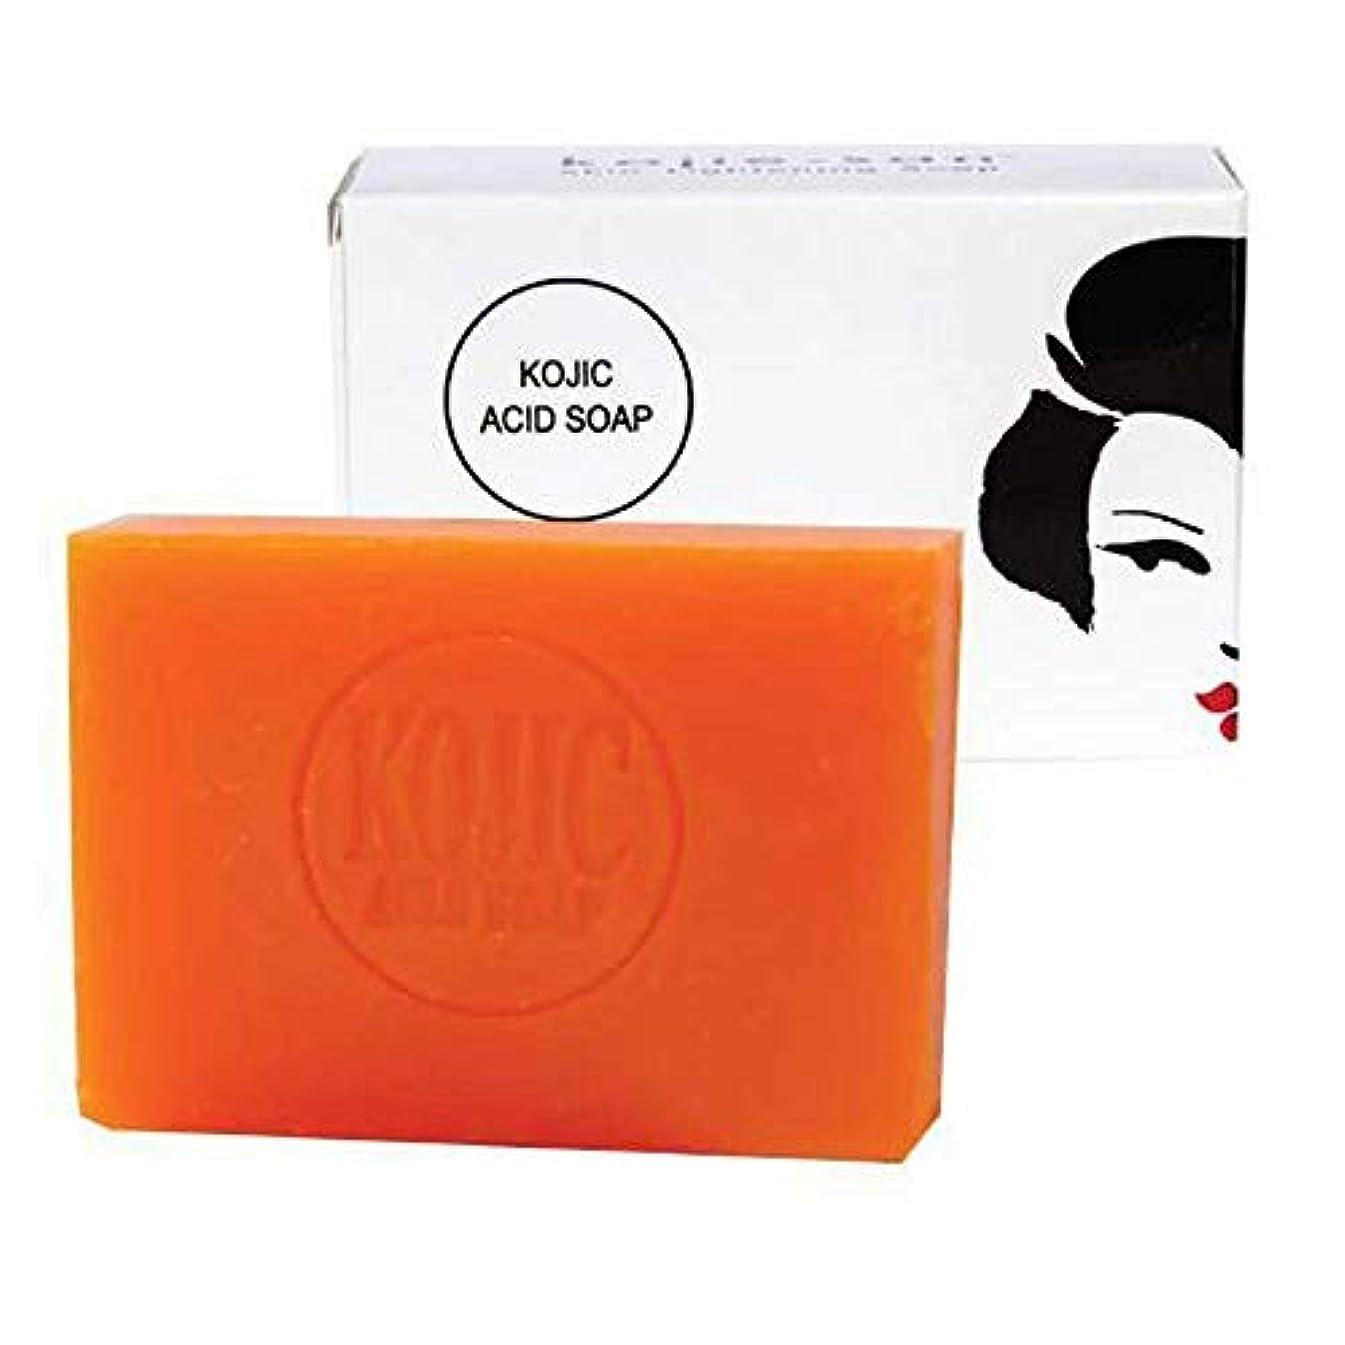 無視するリズム平手打ちKojie San Skin Lightening Kojic Acid Soap 2 Bars - 65G Fades Age Spots, Freckles, And Other Signs Of Sun Damage...